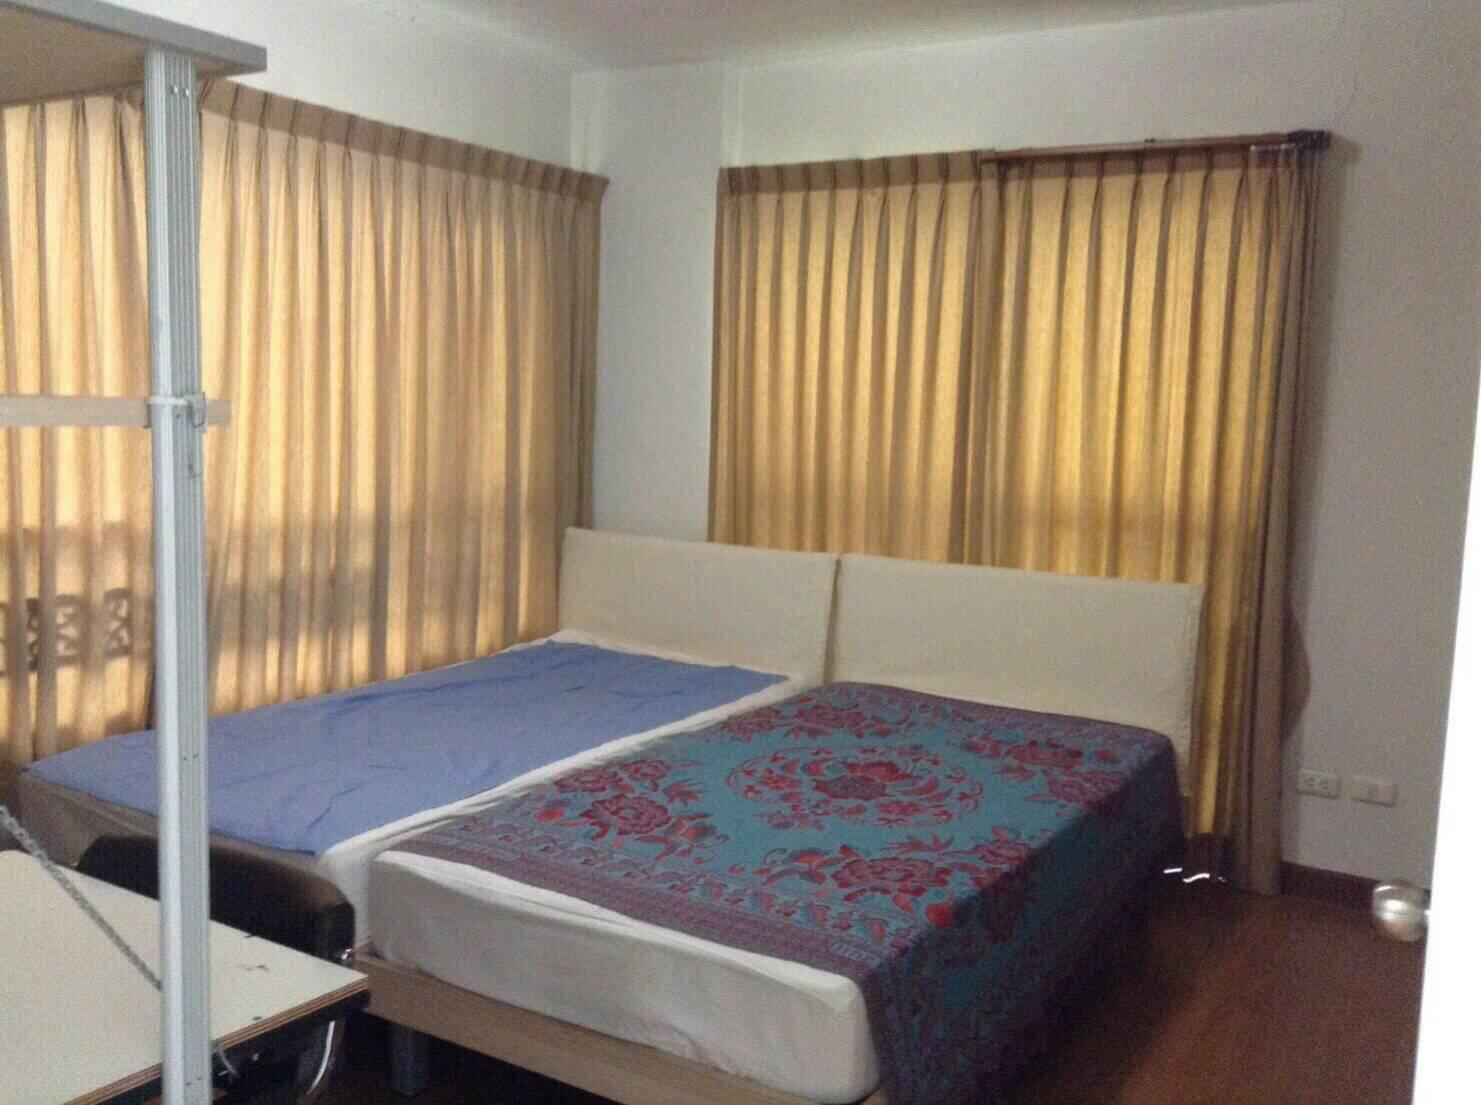 ภาพคอนโดต้องการขาย พหล เมโทร  ซอย พหลโยธิน 14  สามเสนใน พญาไท 2 ห้องนอน พร้อมอยู่ ราคาถูก